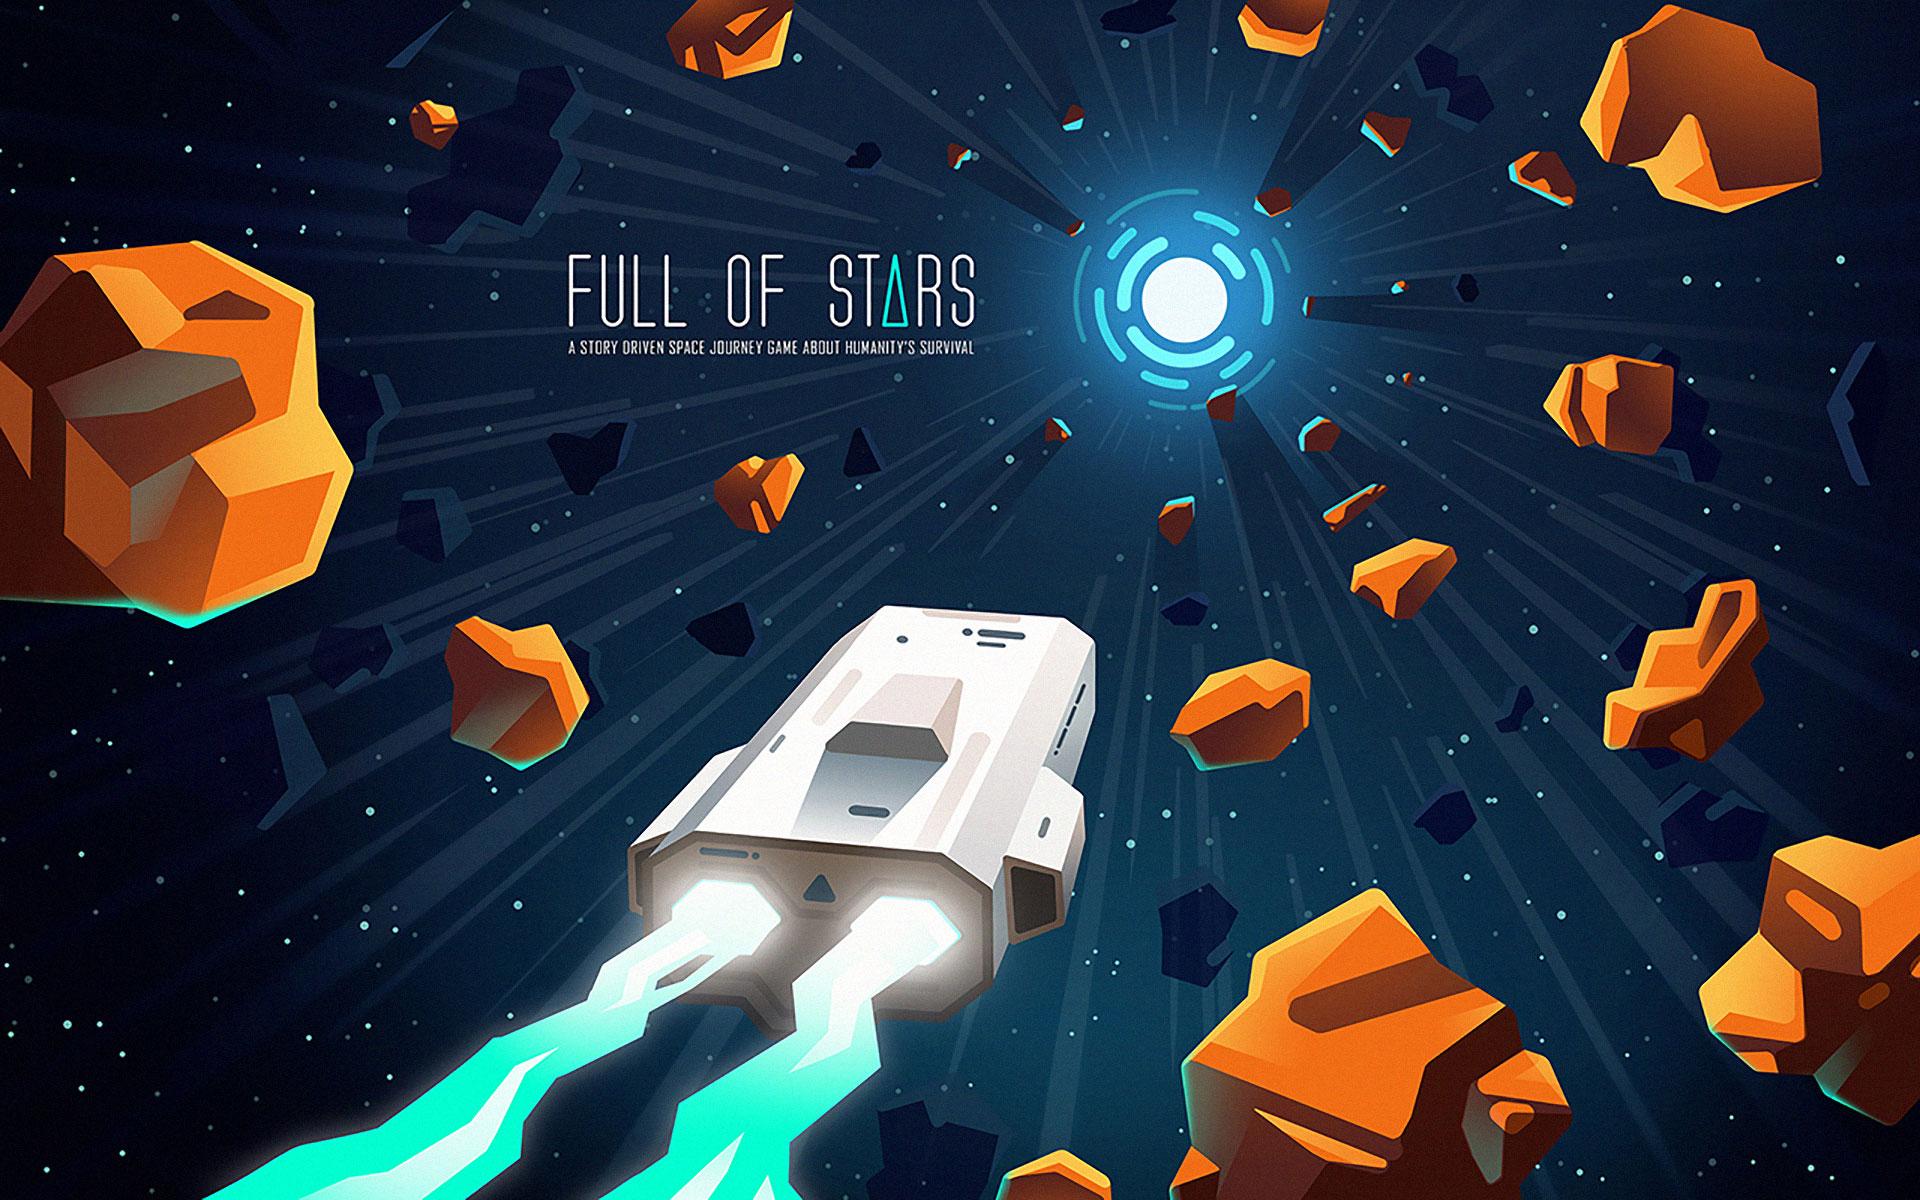 Salvando a humanidade da ruína em Full of Stars